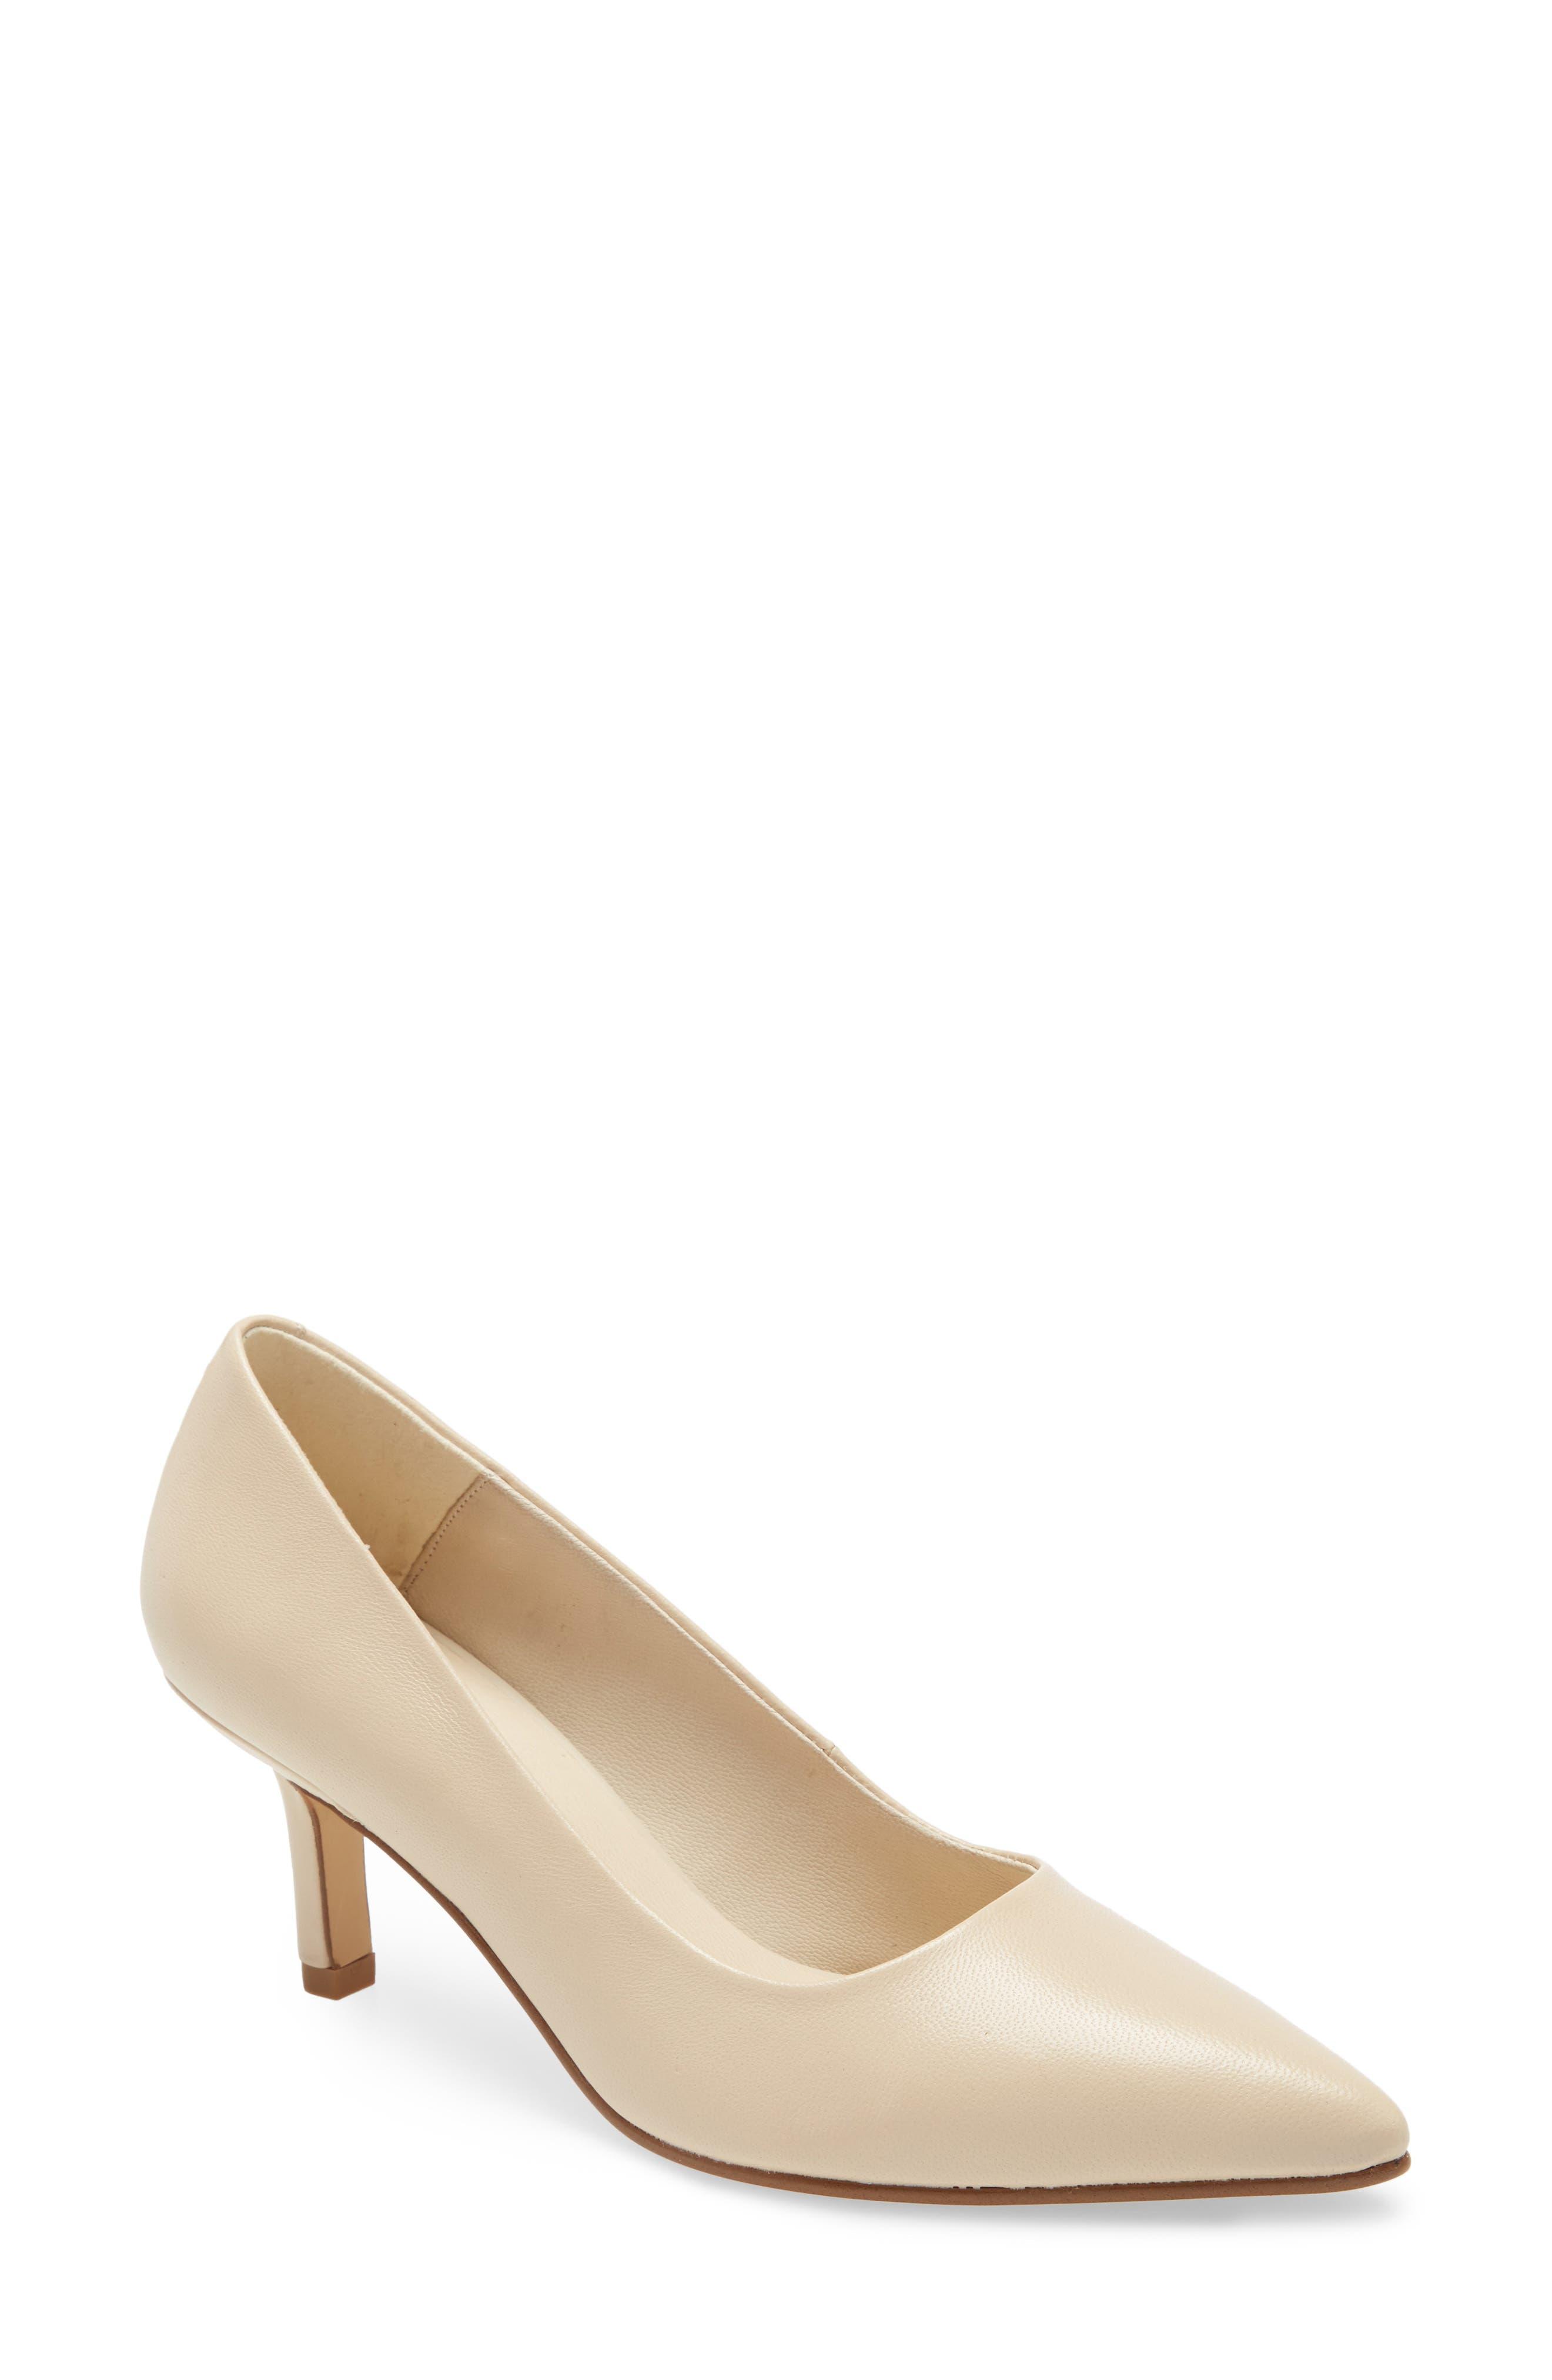 Women's Vagabond Shoemakers Shoes Sale